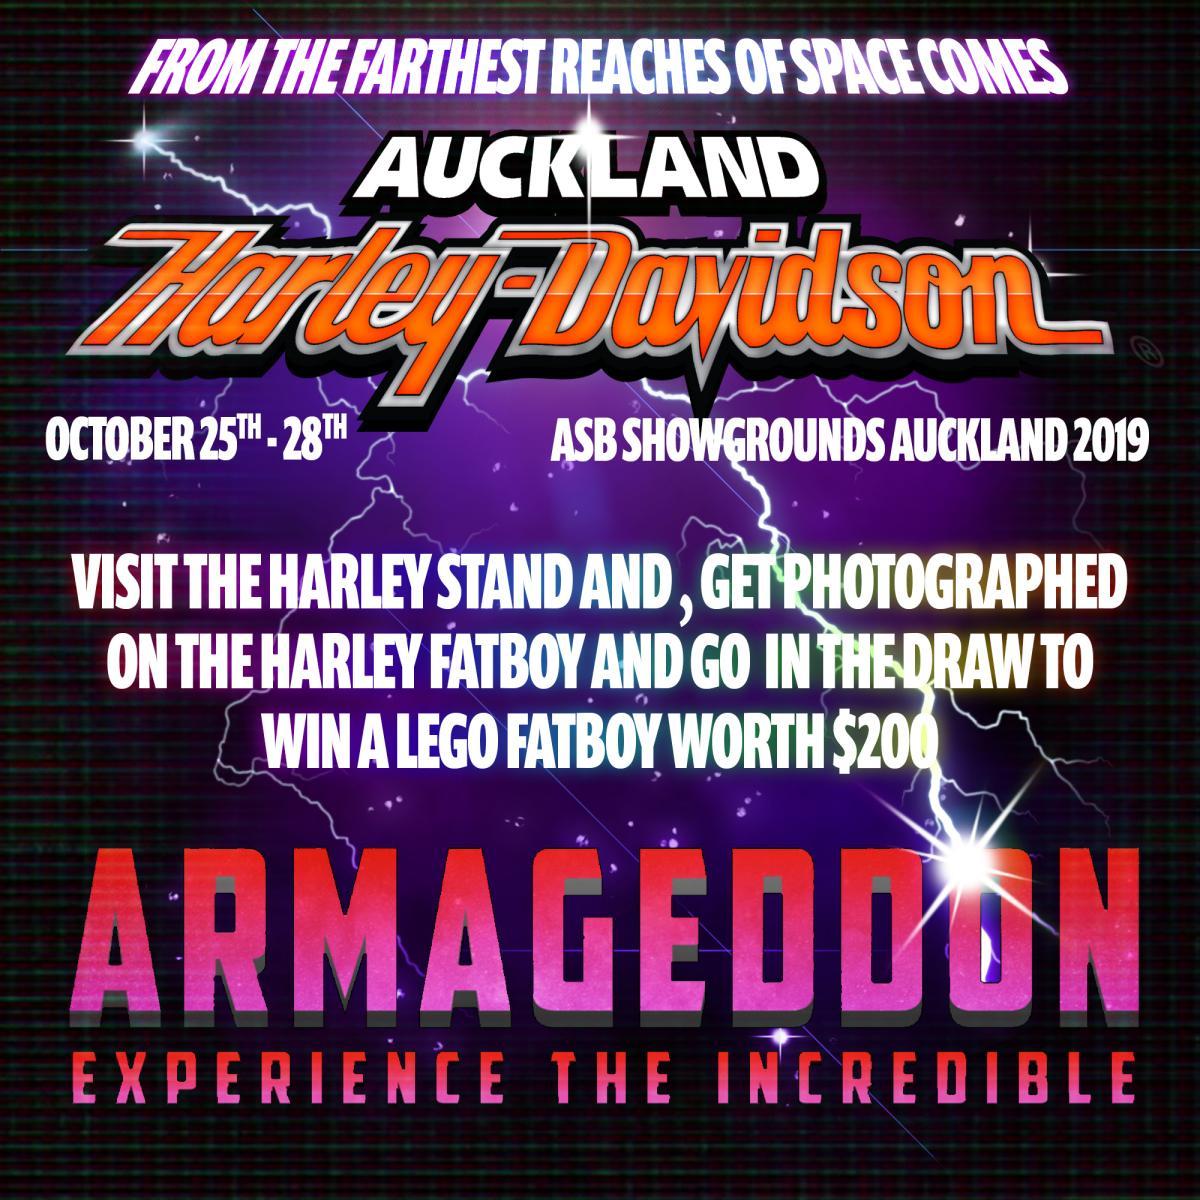 Armageddon-lego